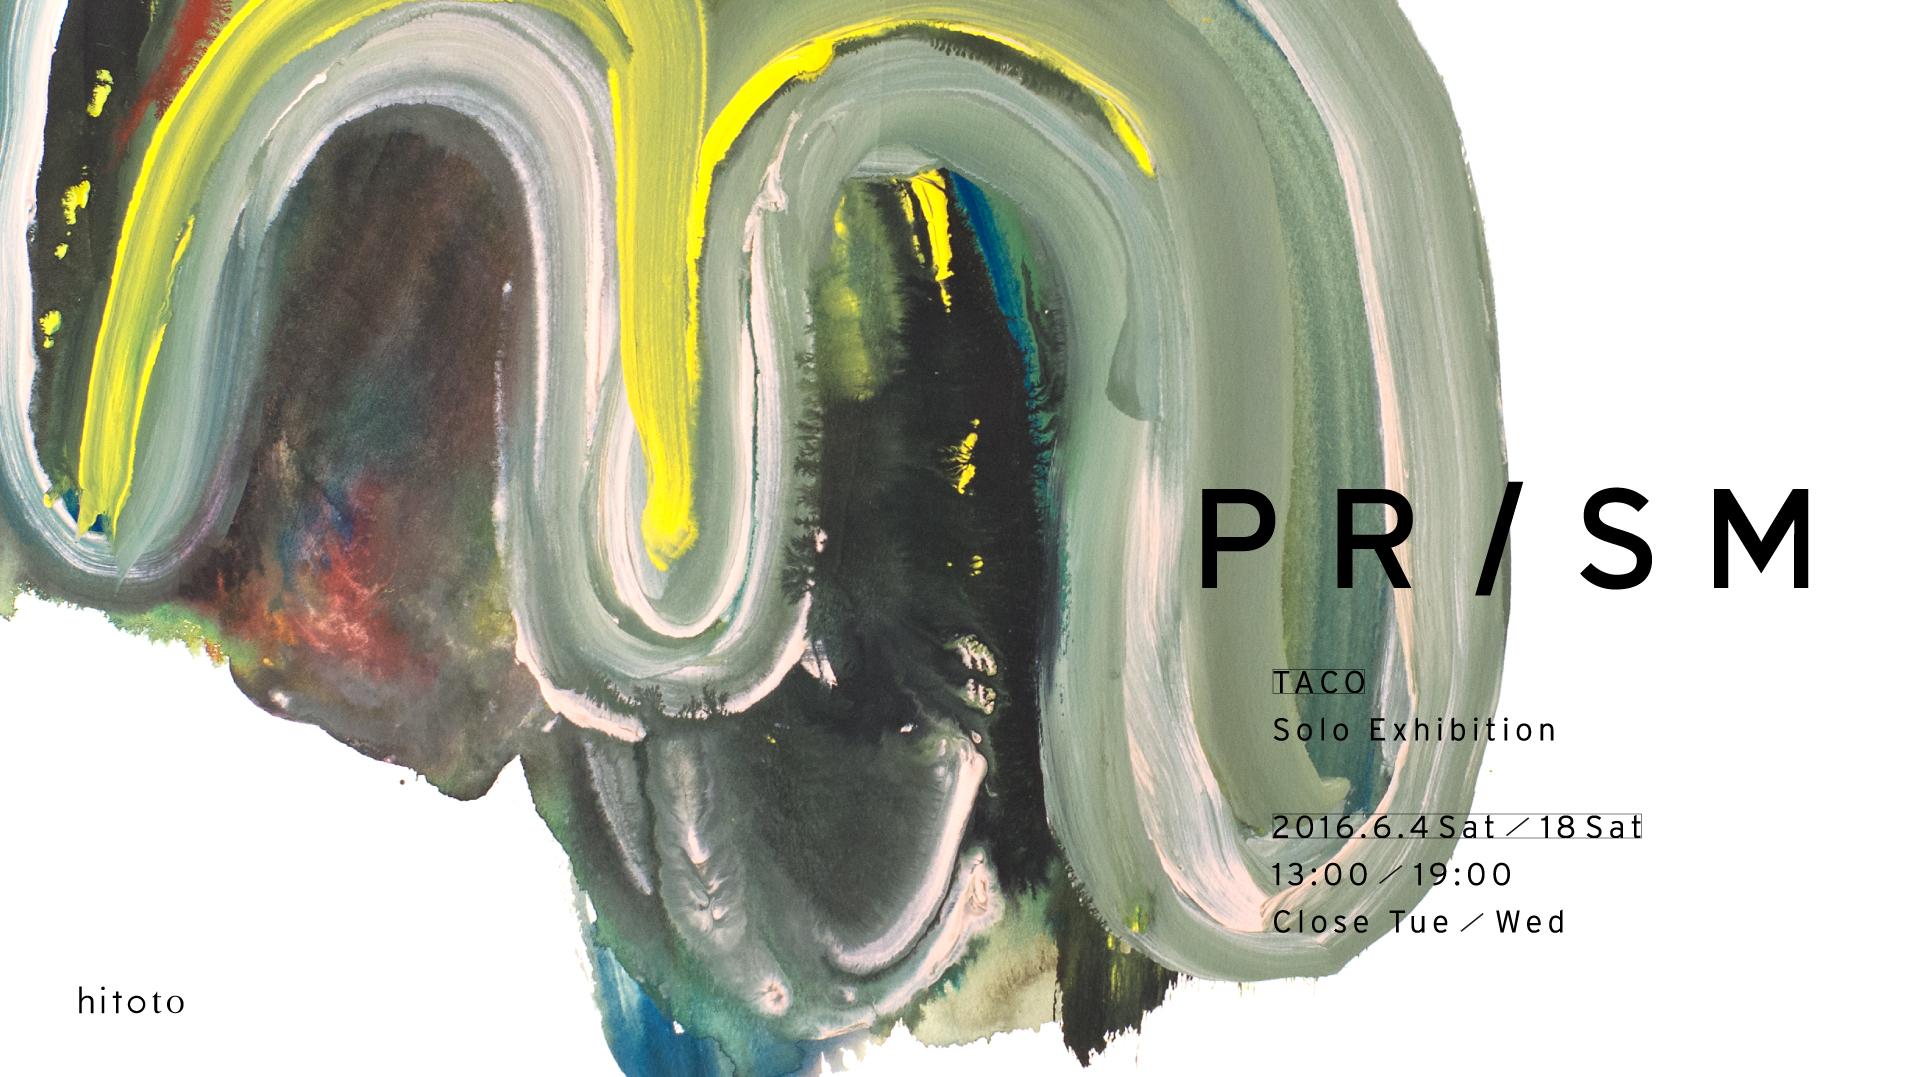 TACO Exhibition「PRISM」